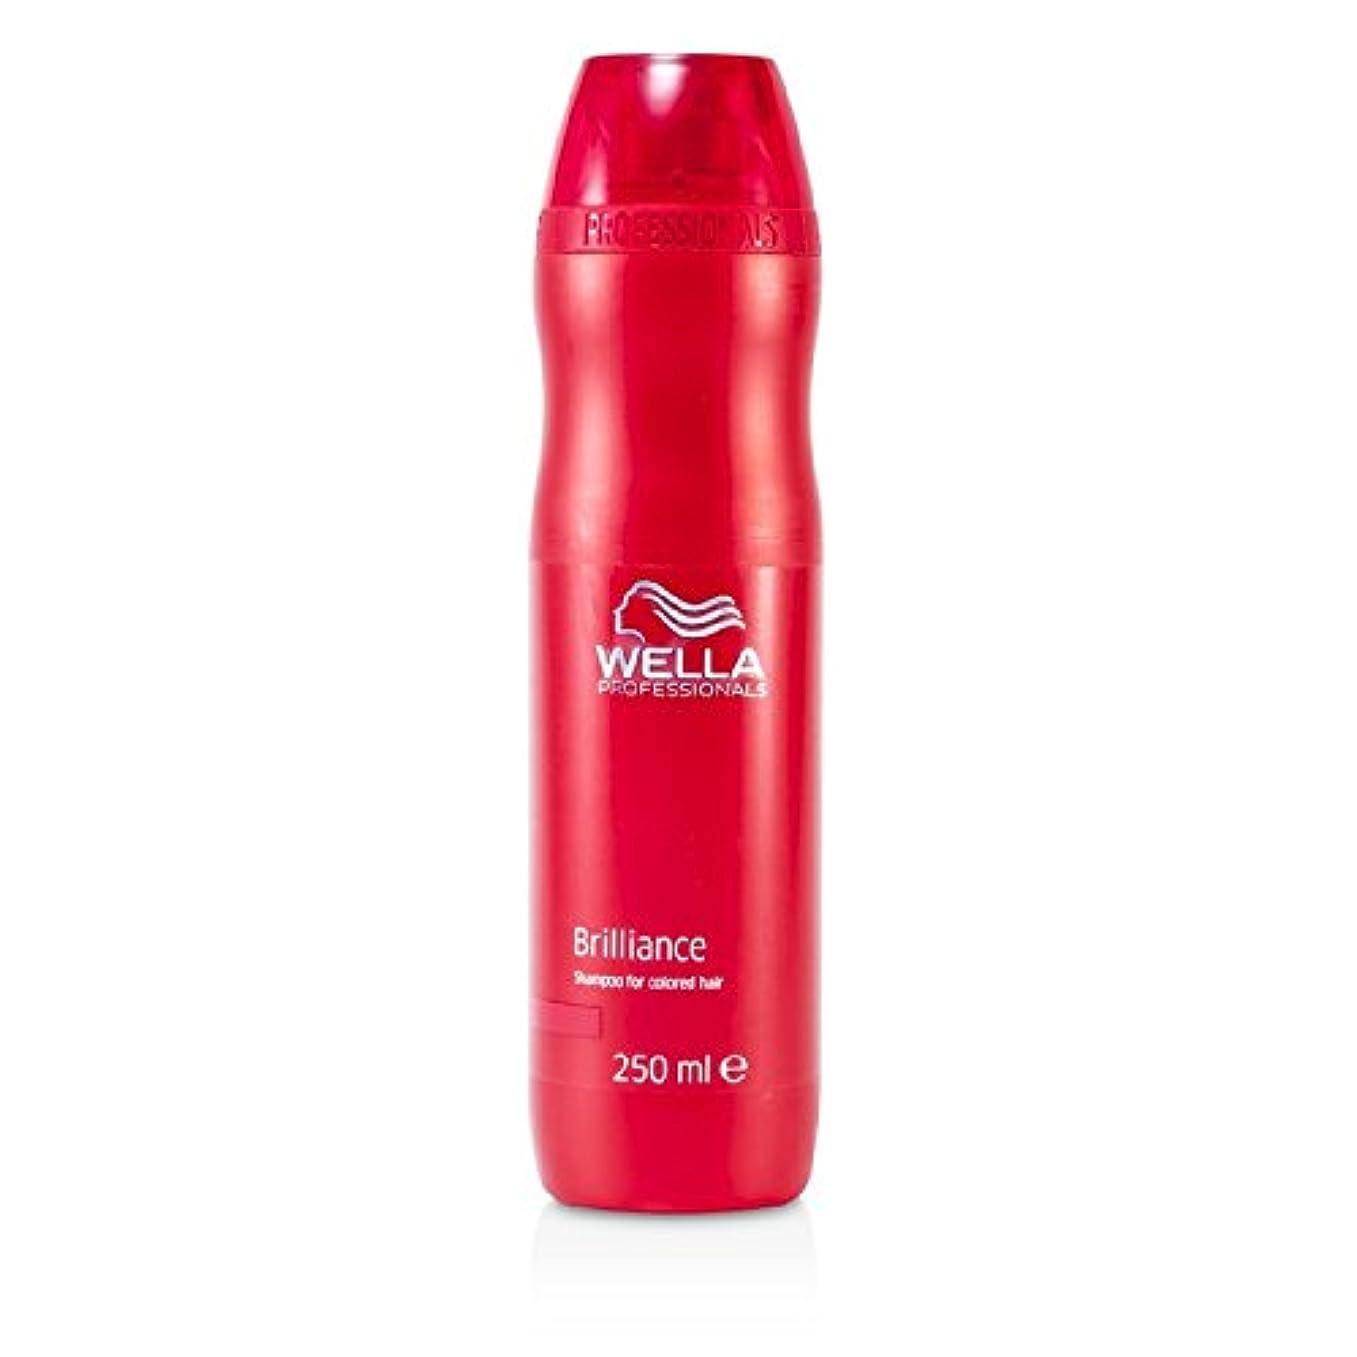 静めるコールド排気ウエラ ブリリアンス シャンプー (染めた髪用) 250ml/8.4oz並行輸入品